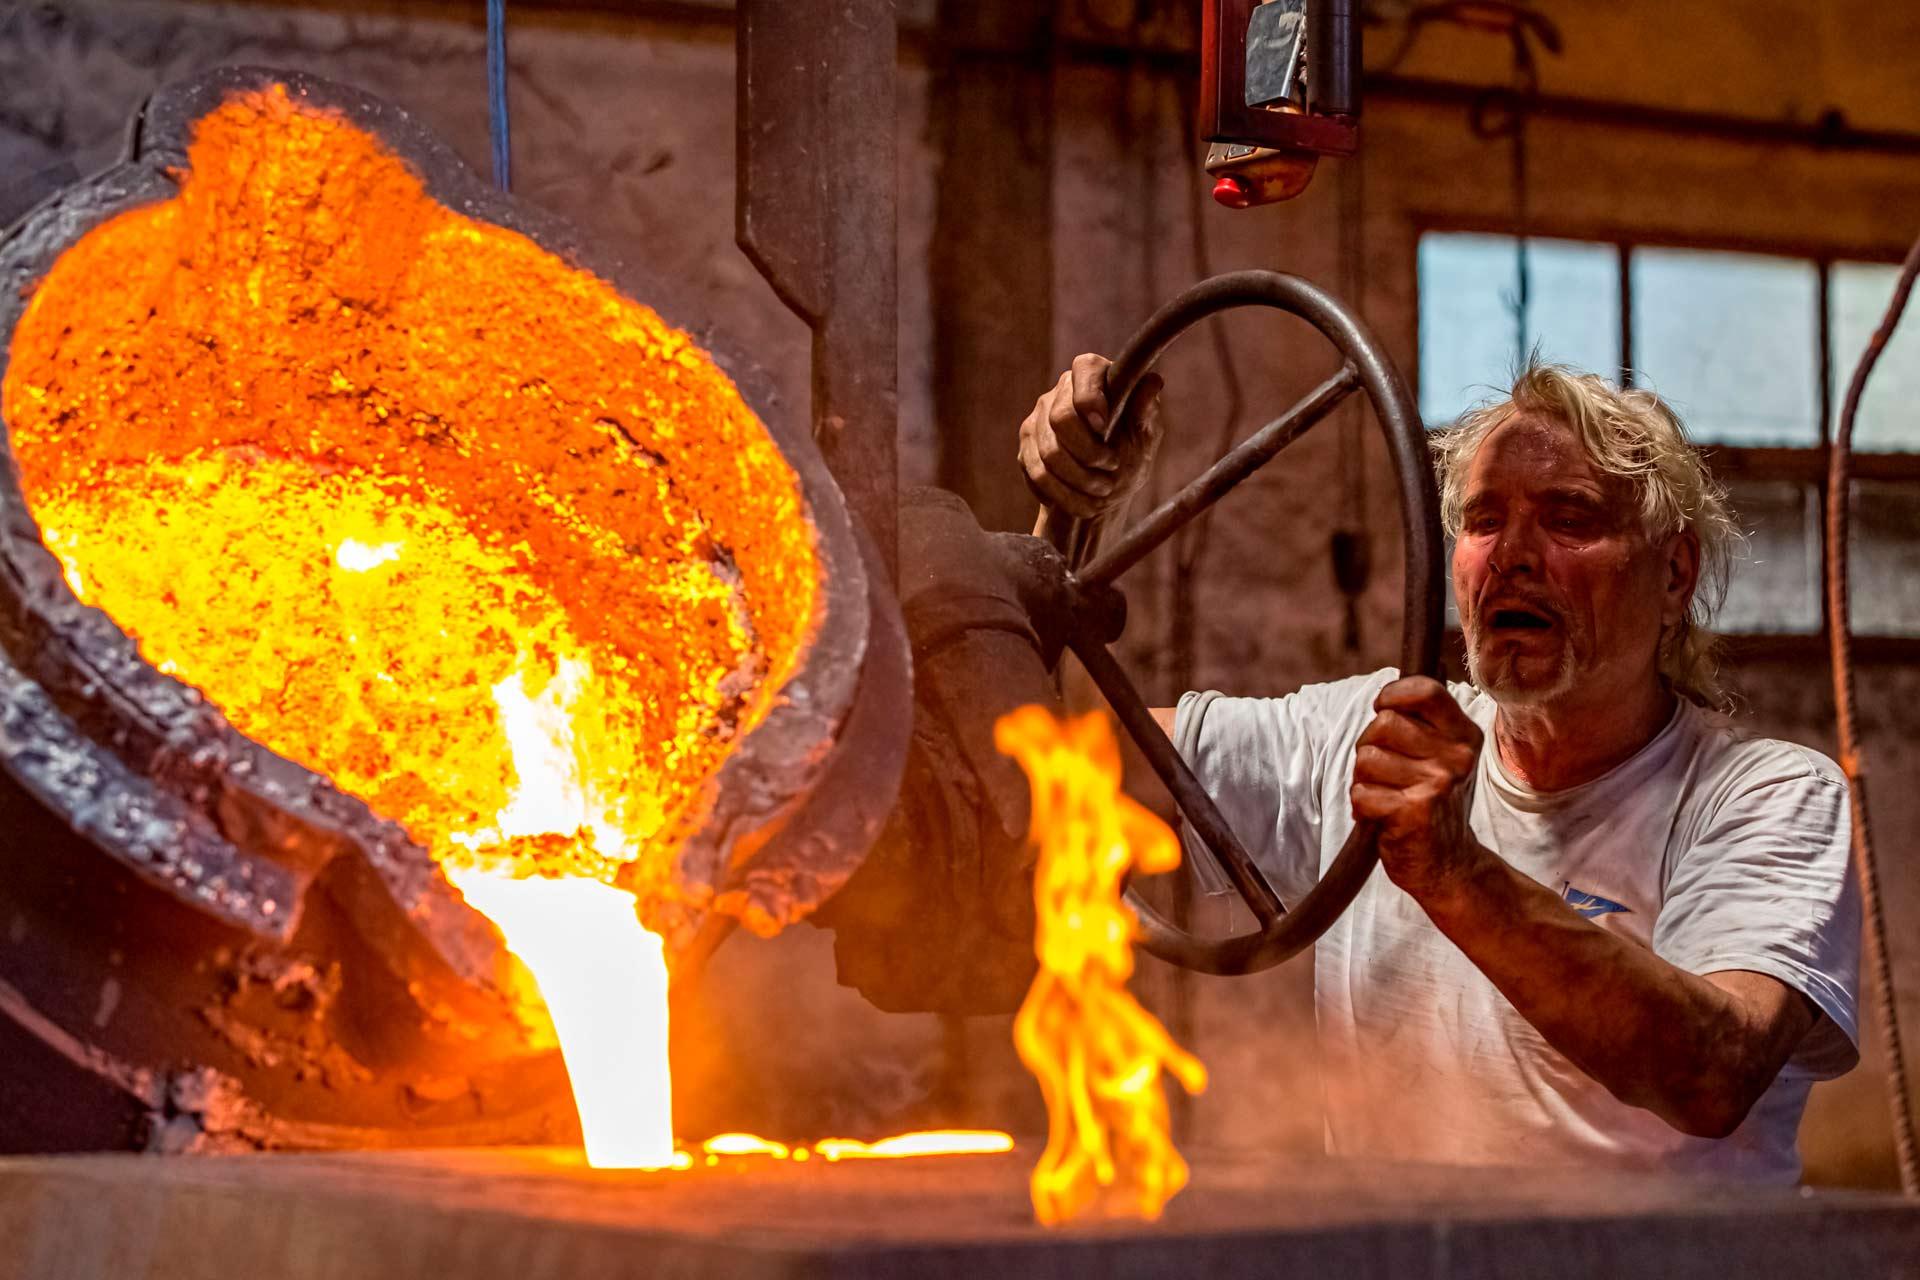 Le processus de coul?e de la fonte dans des moules ? coque est principalement indiqu? pour la production ? grande ?chelle d'objets de petite et moyenne taille avec un bon niveau de finition.